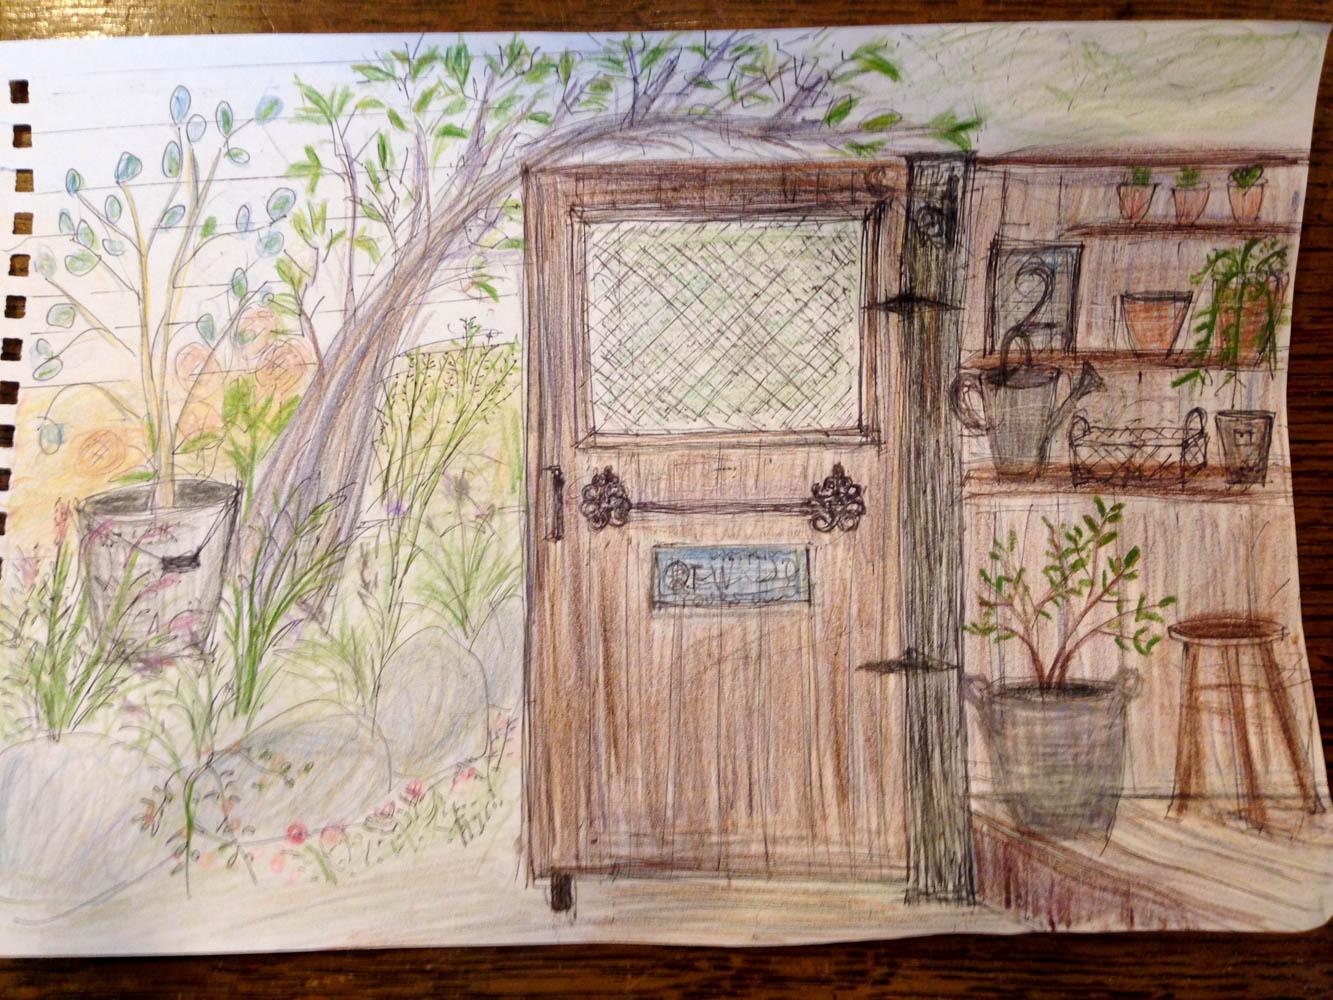 和風の庭を雑貨屋さんの可愛い庭に全面リフォームの施工前